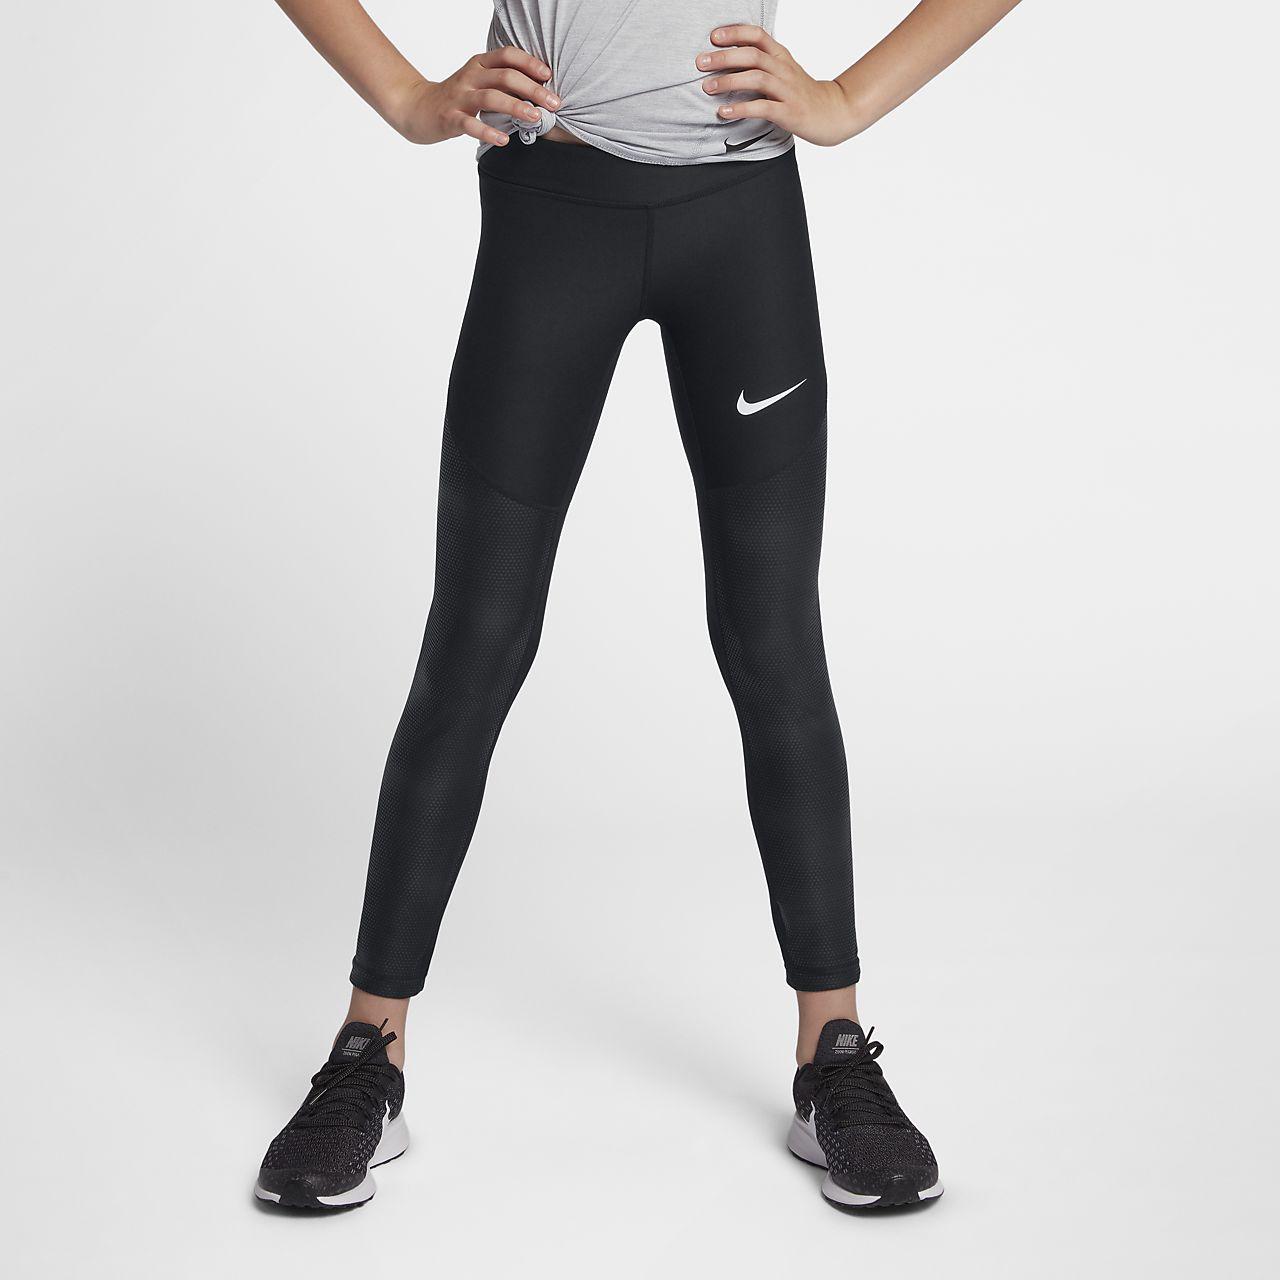 9899221f6e4 ... Nike Dri-FIT Big Kids  (Girls ) Training Tights